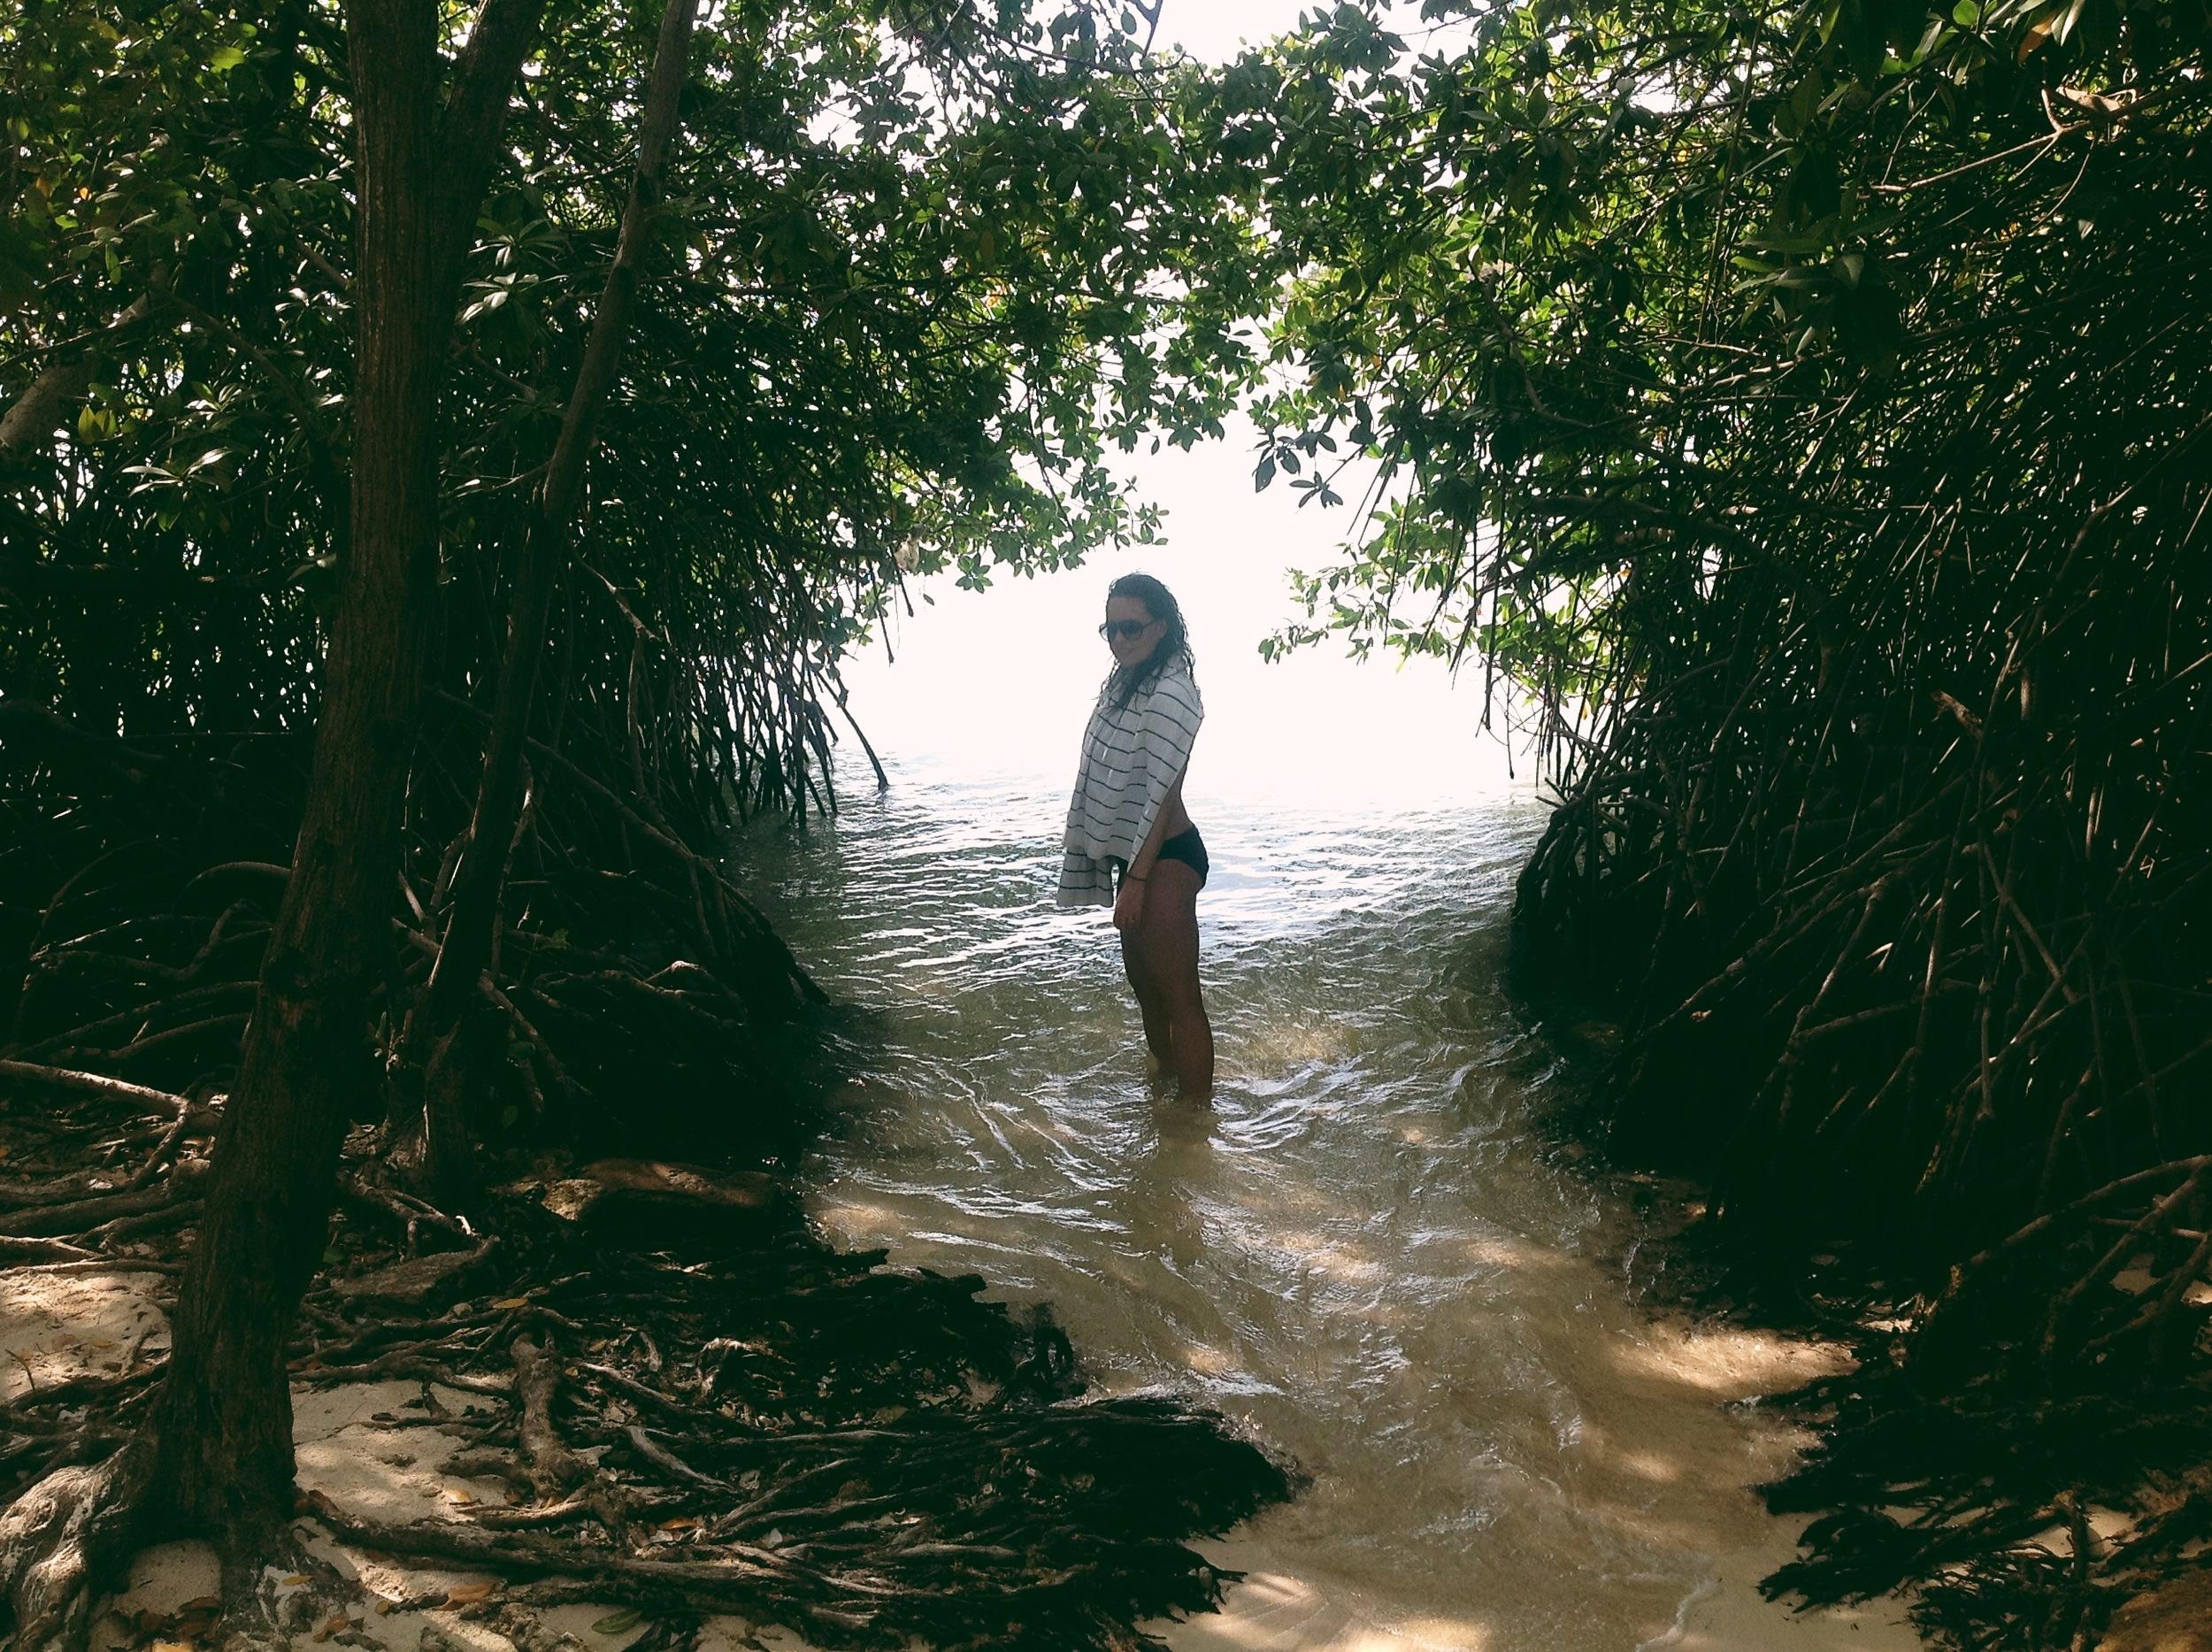 The mangroves of Mangel Halto